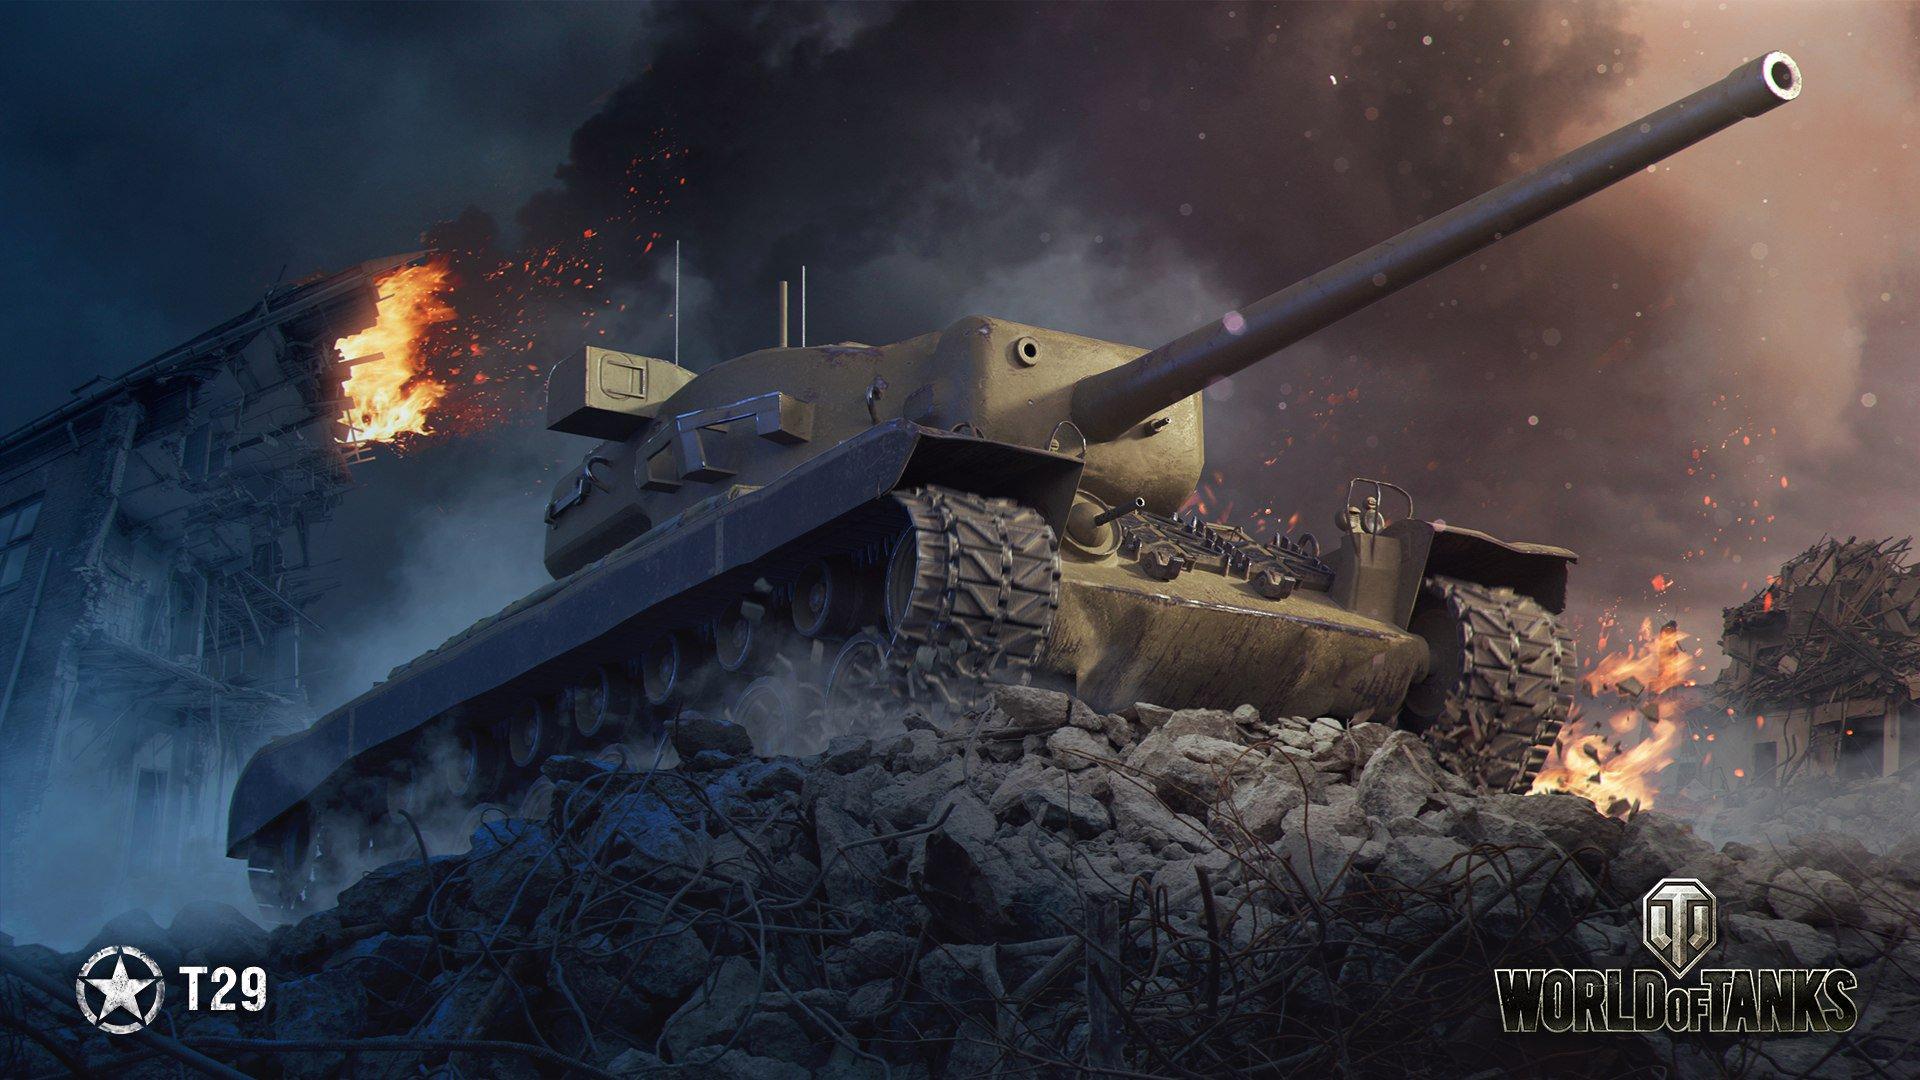 обои для рабочего стола танки 1920х1080 hd танки скачать № 213078 бесплатно